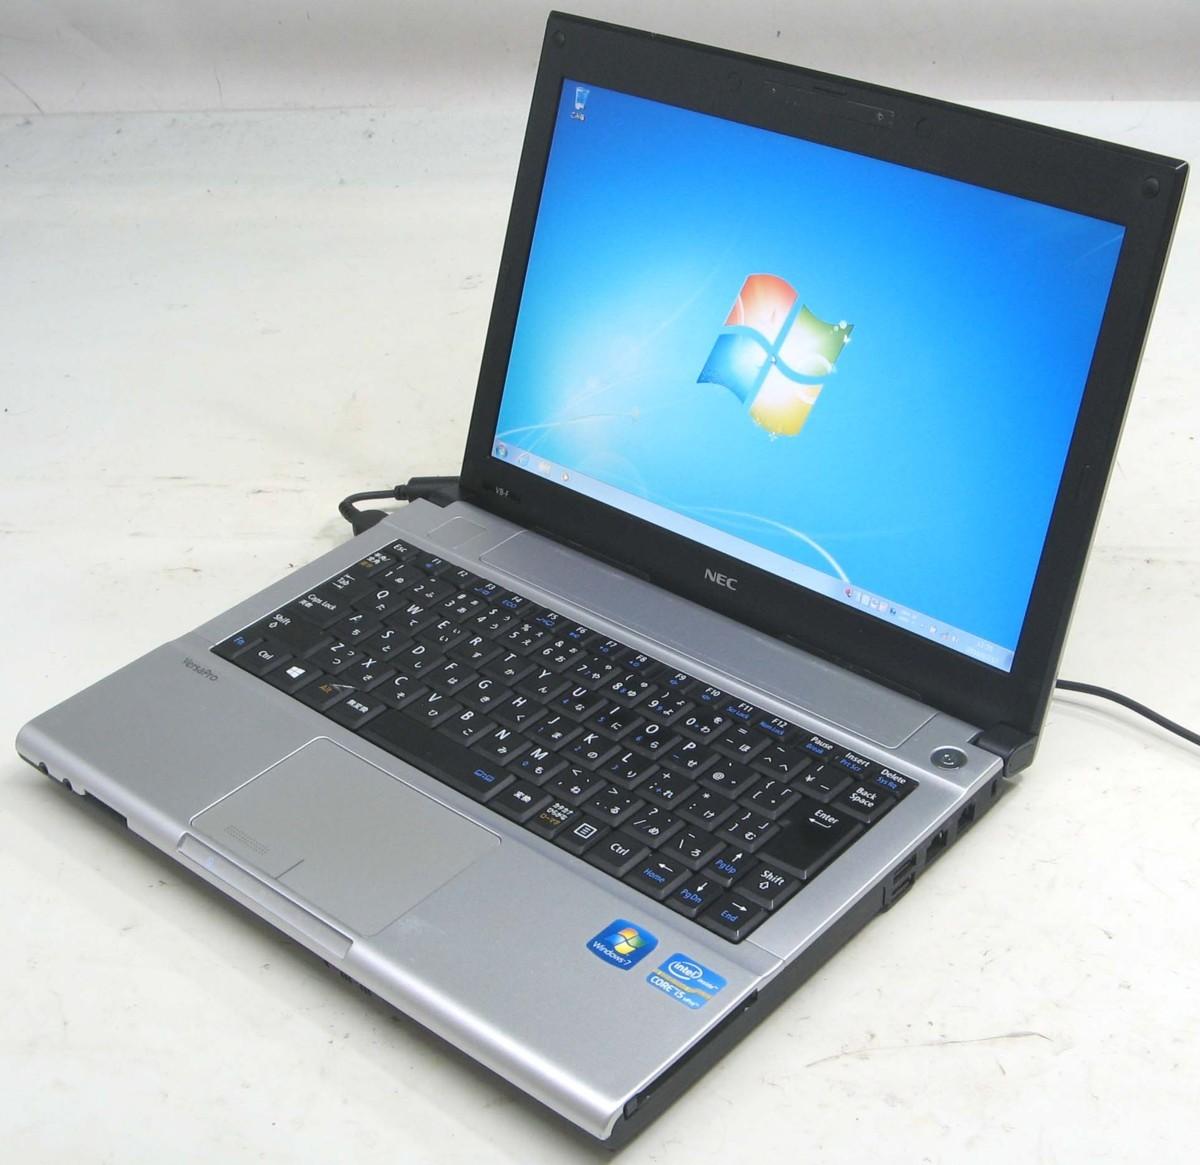 中古ノートパソコン NEC VersaPro PC-VK26MBZCF(NEC Windows7 Corei5 HDMI出力端子)【中古】【中古パソコン/中古PC】